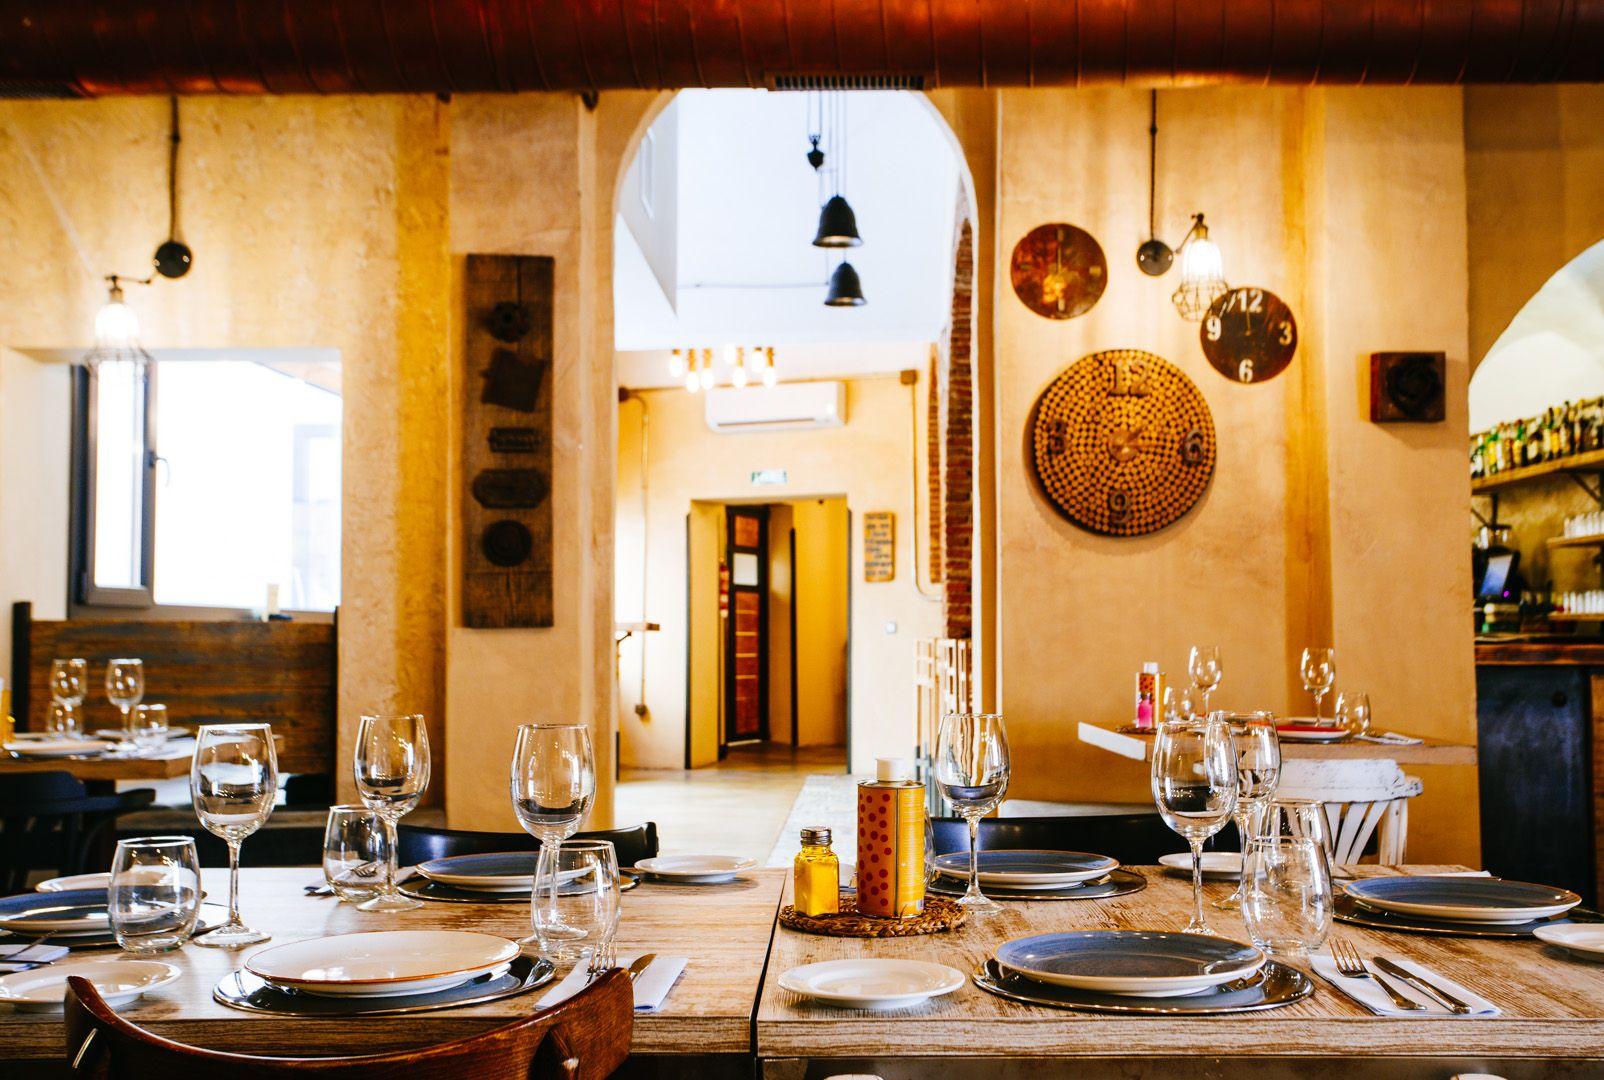 Restaurante para celebraciones en Mérida